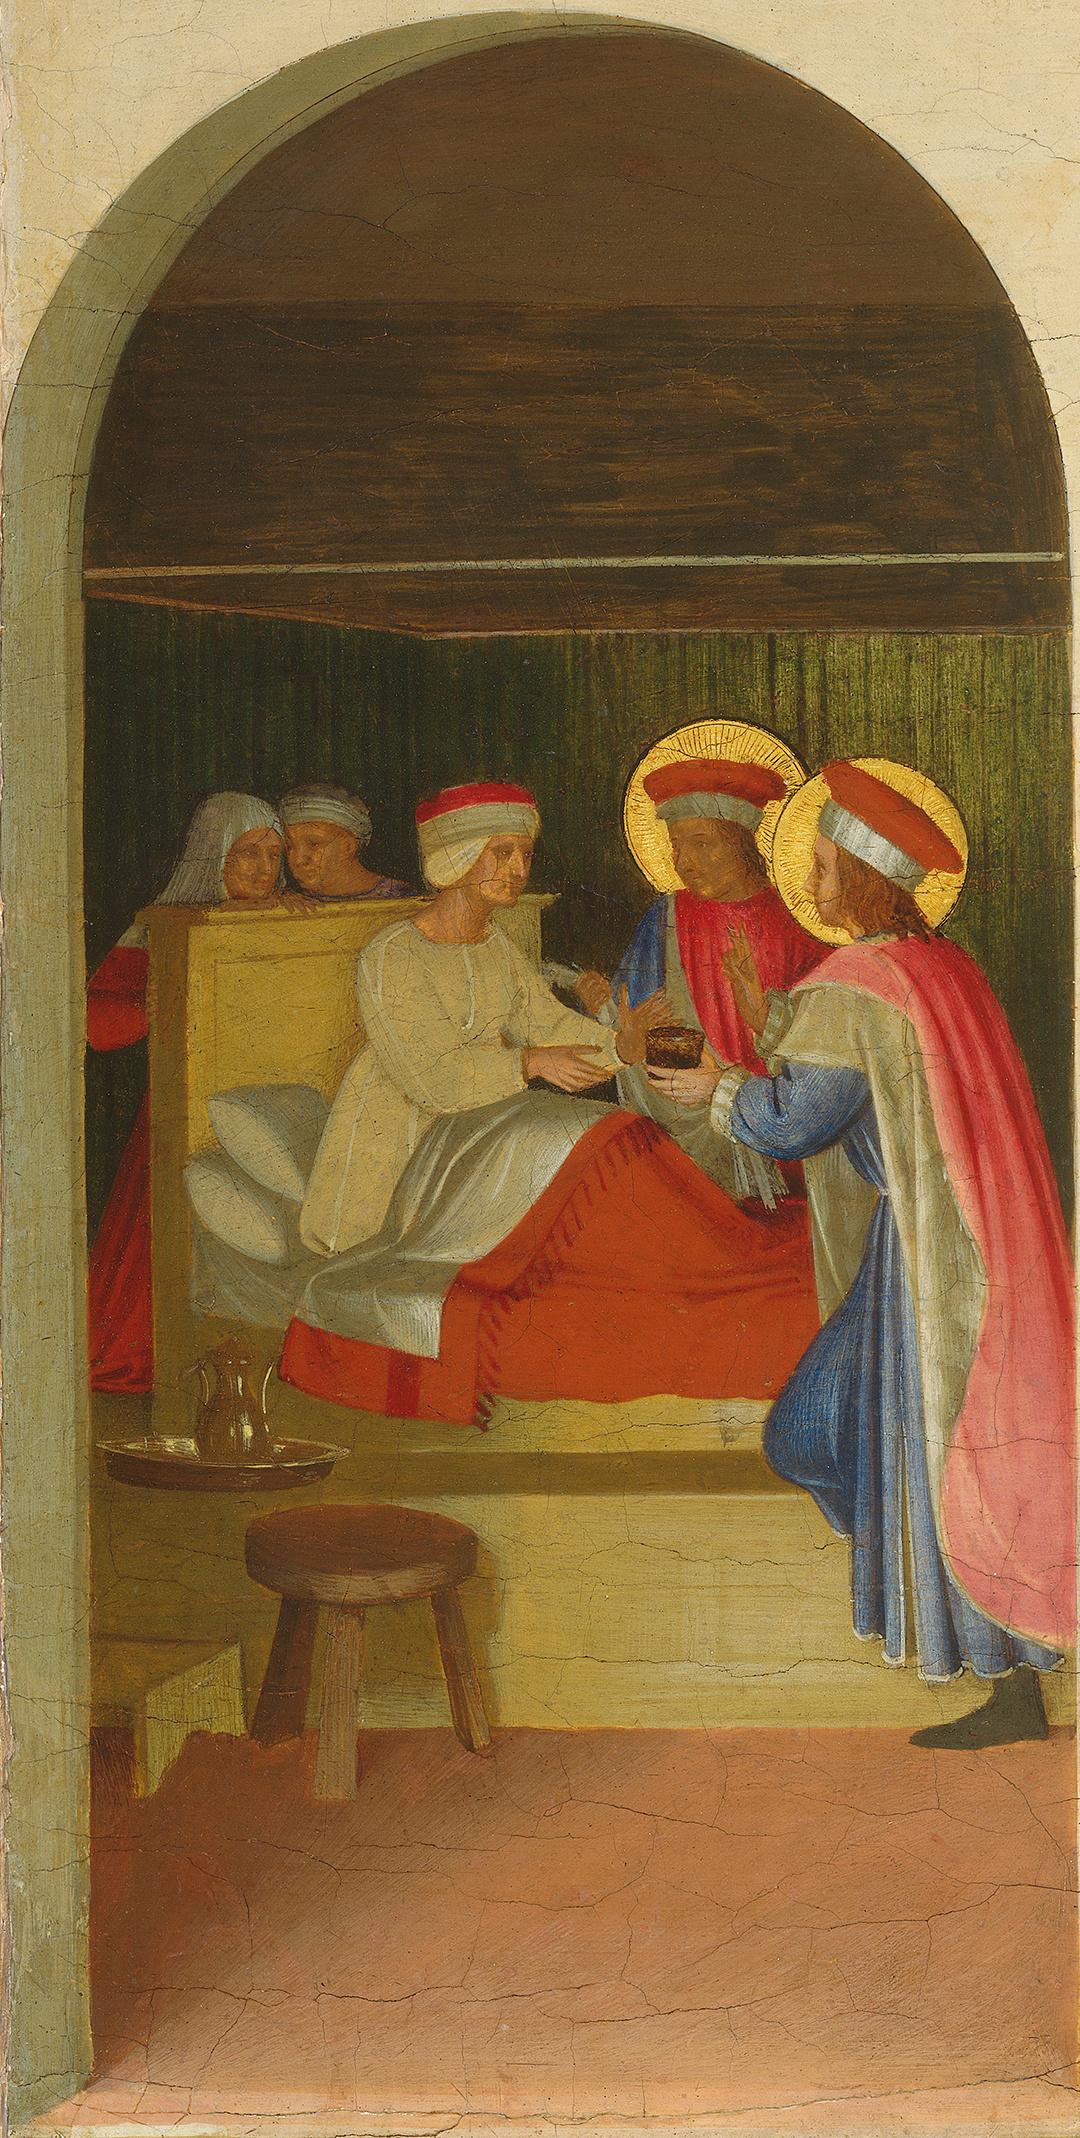 Фра Беато Анджелико. Исцеление мужа Палладии святыми Косьмой и Дамианом. Алтарь монастыря Сан Марко. Пределла, фрагмент